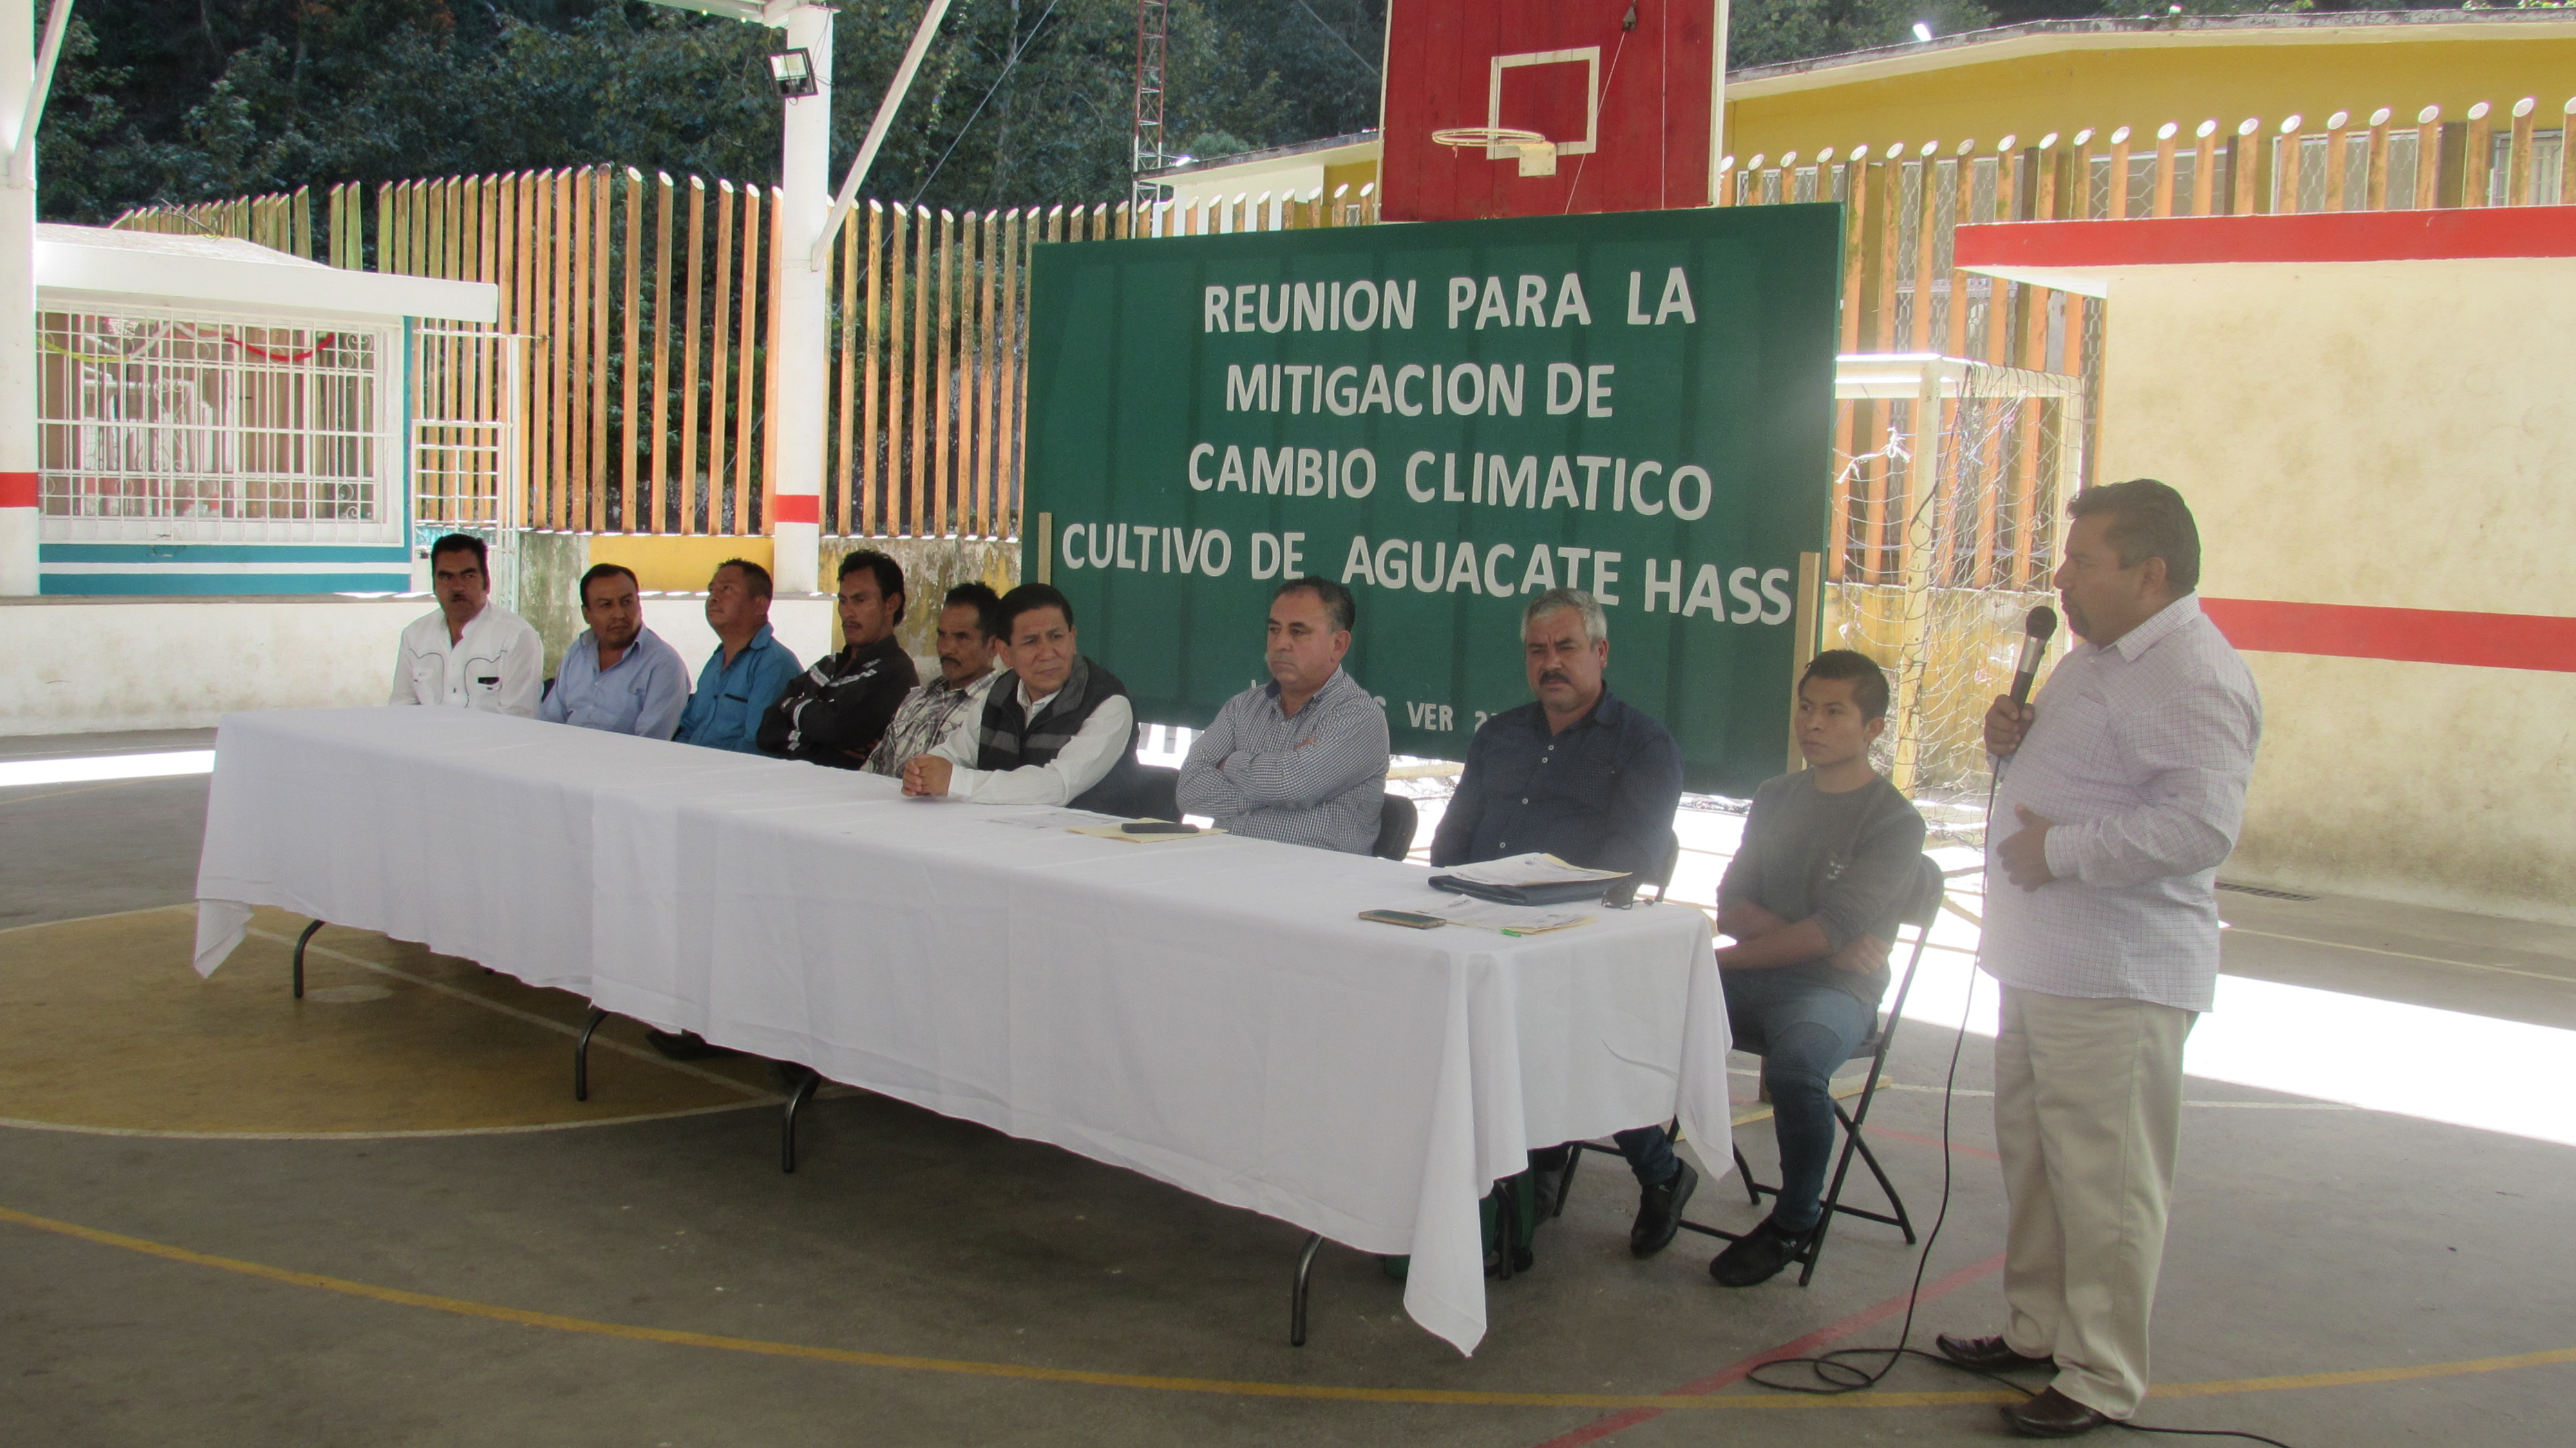 Reunión para la Mitigacion del Cambio Climático Cultivo de Aguacate Hass